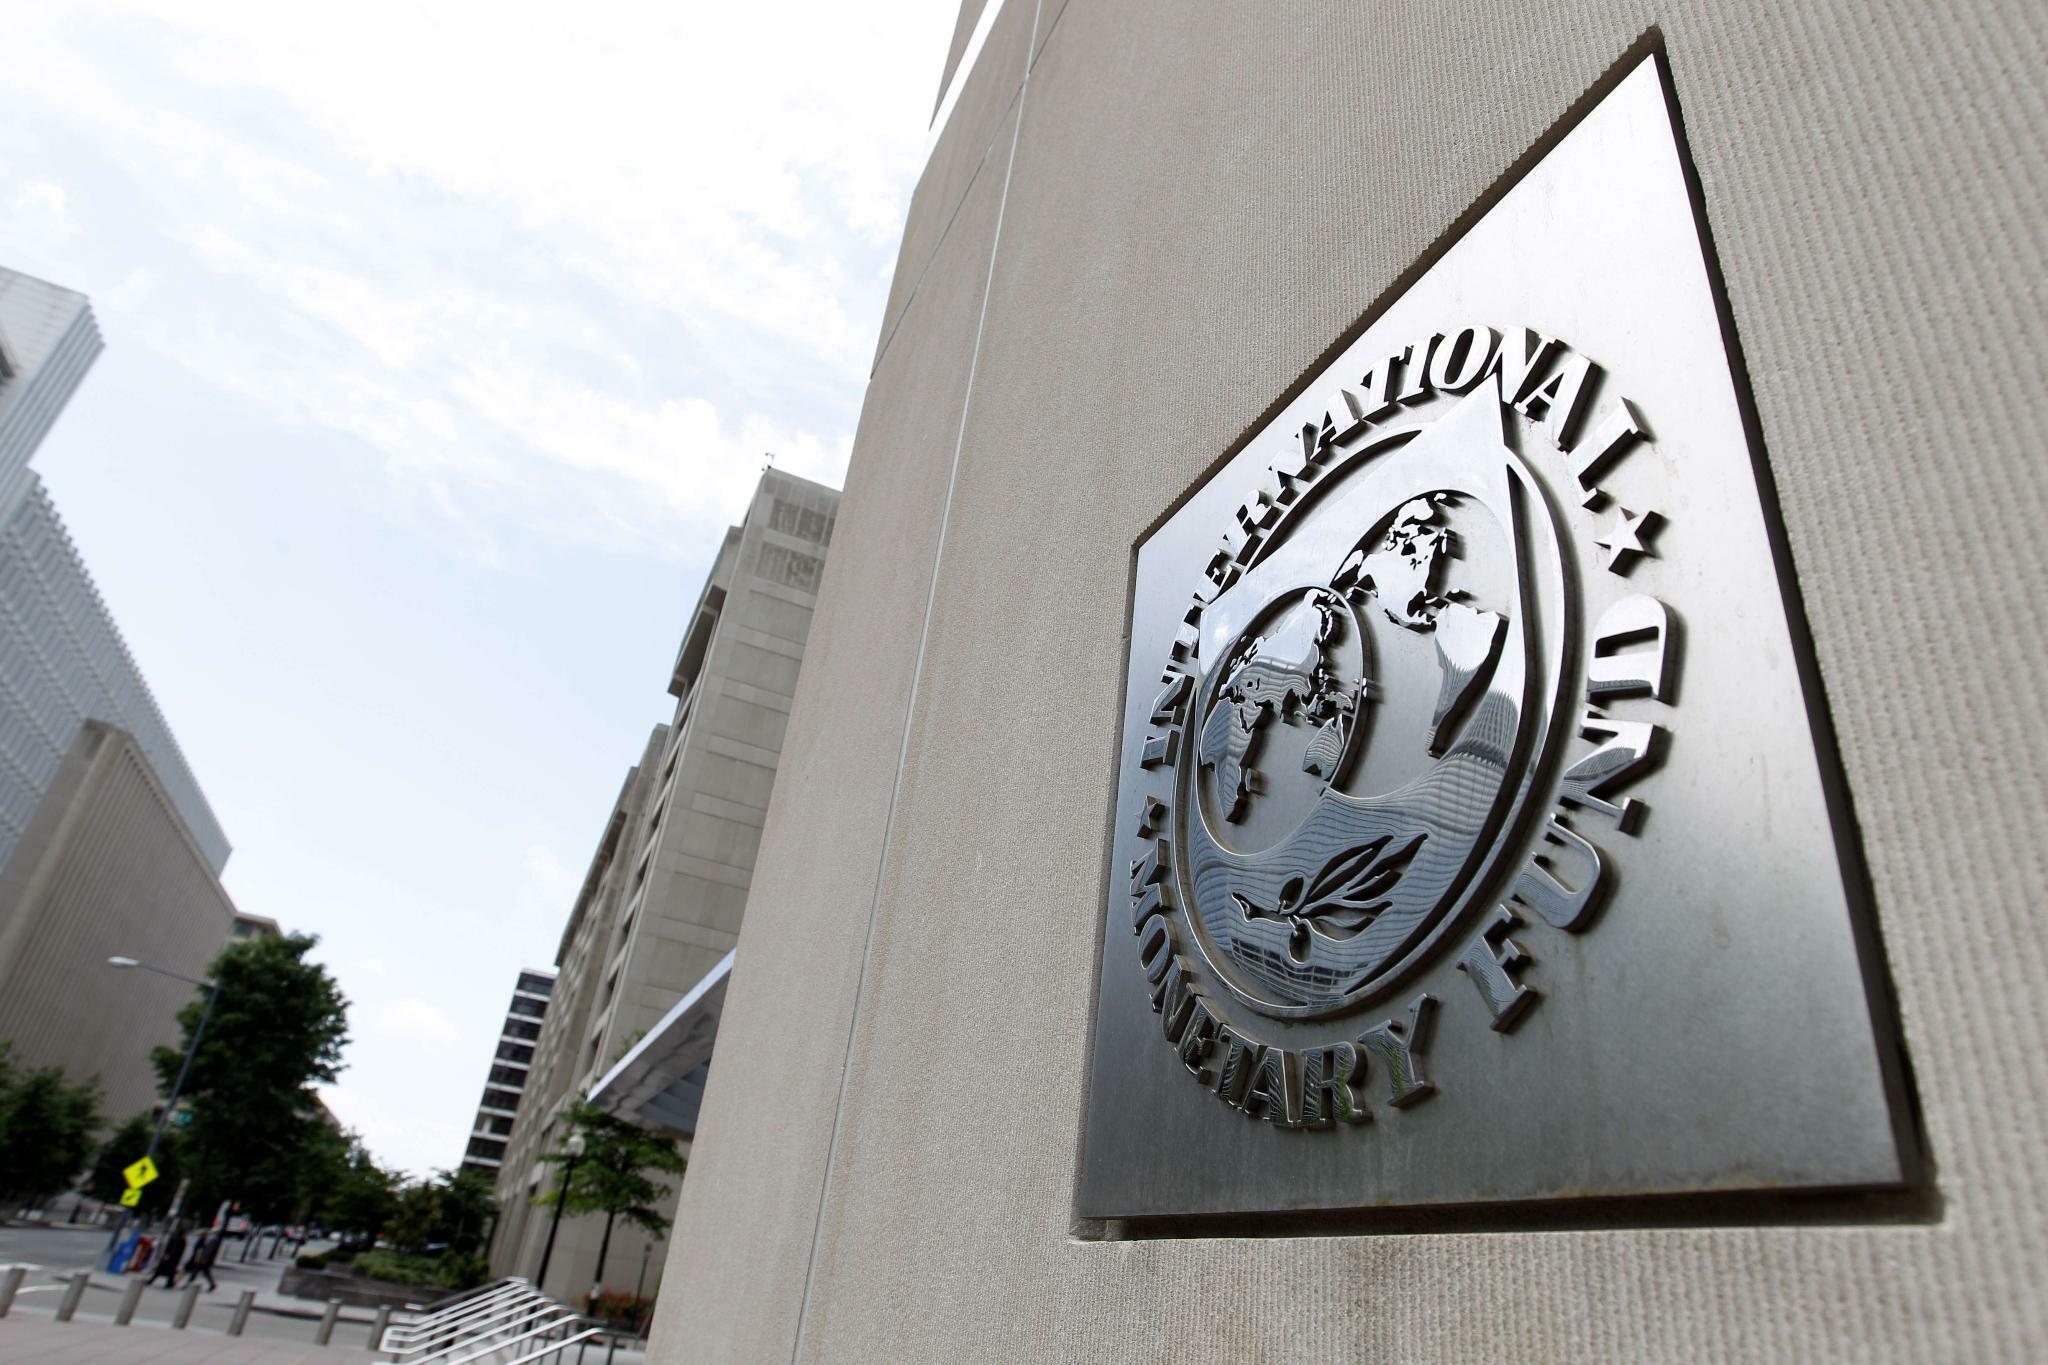 Finanzstabilitätsbericht: IWF warnt vor zunehmenden Risiken für das Finanzsystem